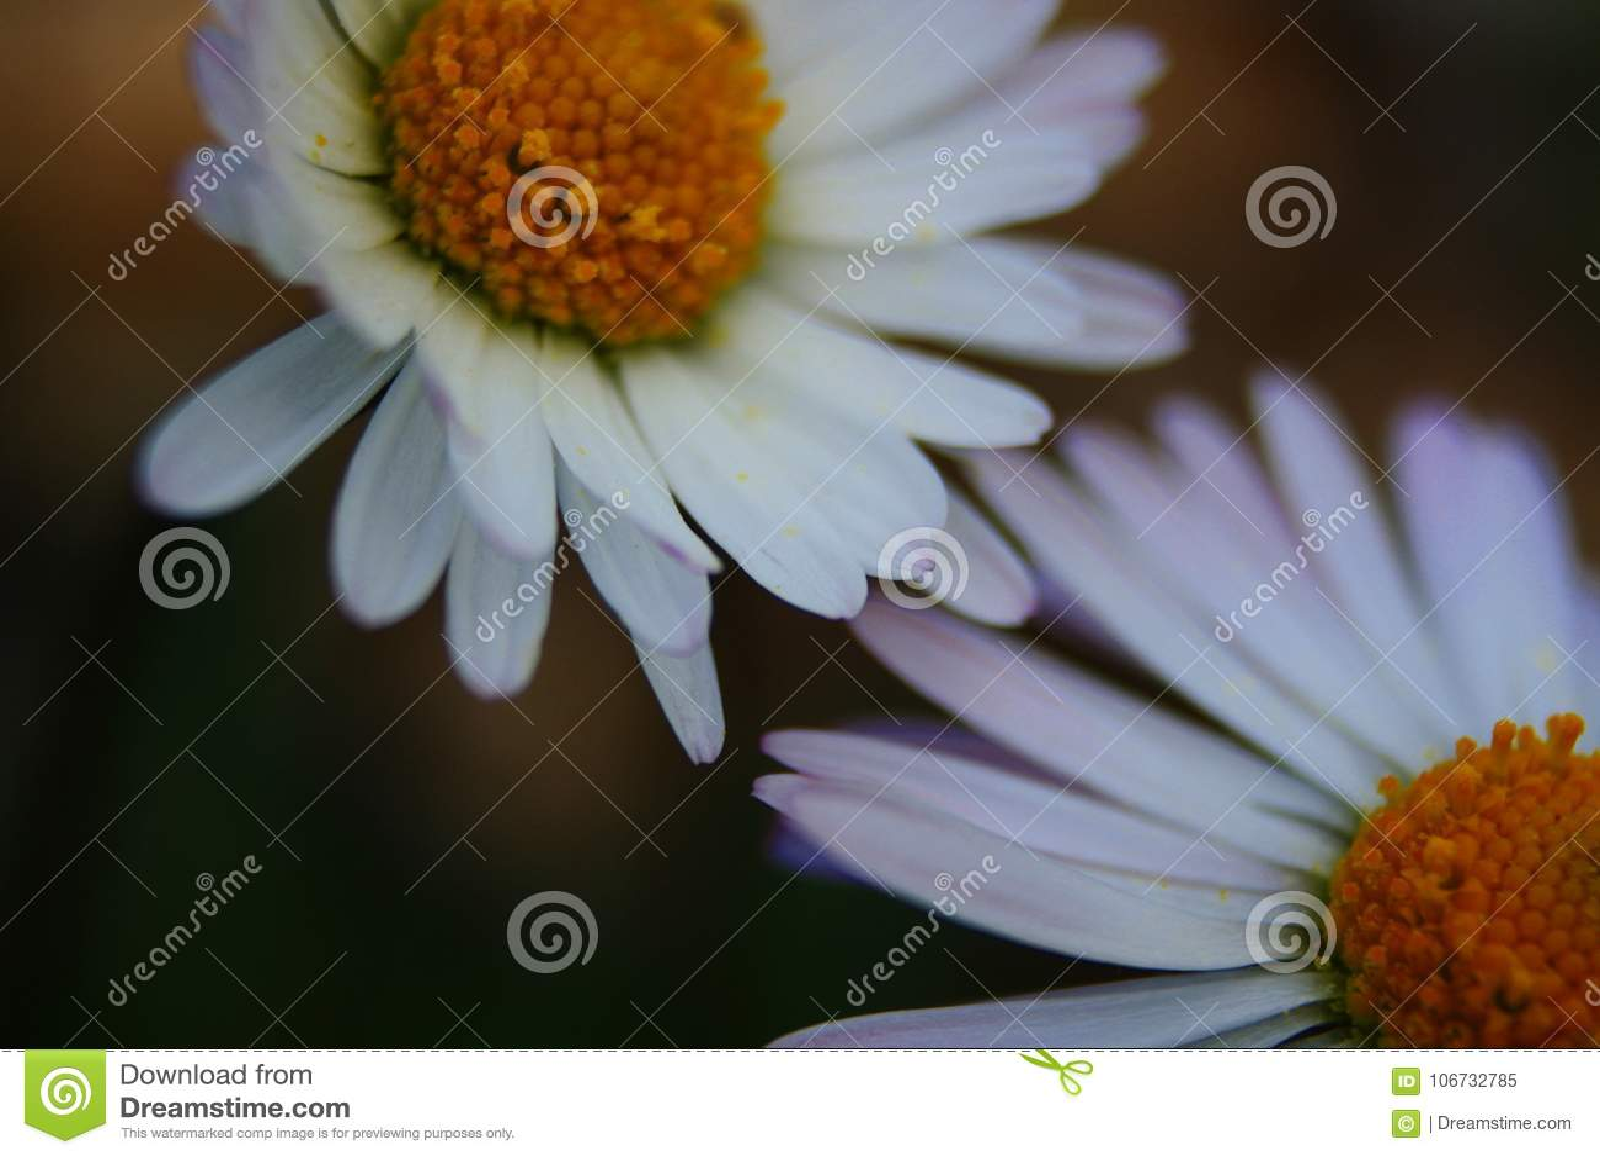 Blume des ersten Stockwerkes des Mittelmeerflecks im Halbinsel salentina mit langen Belastungen durch die direkte Sonne